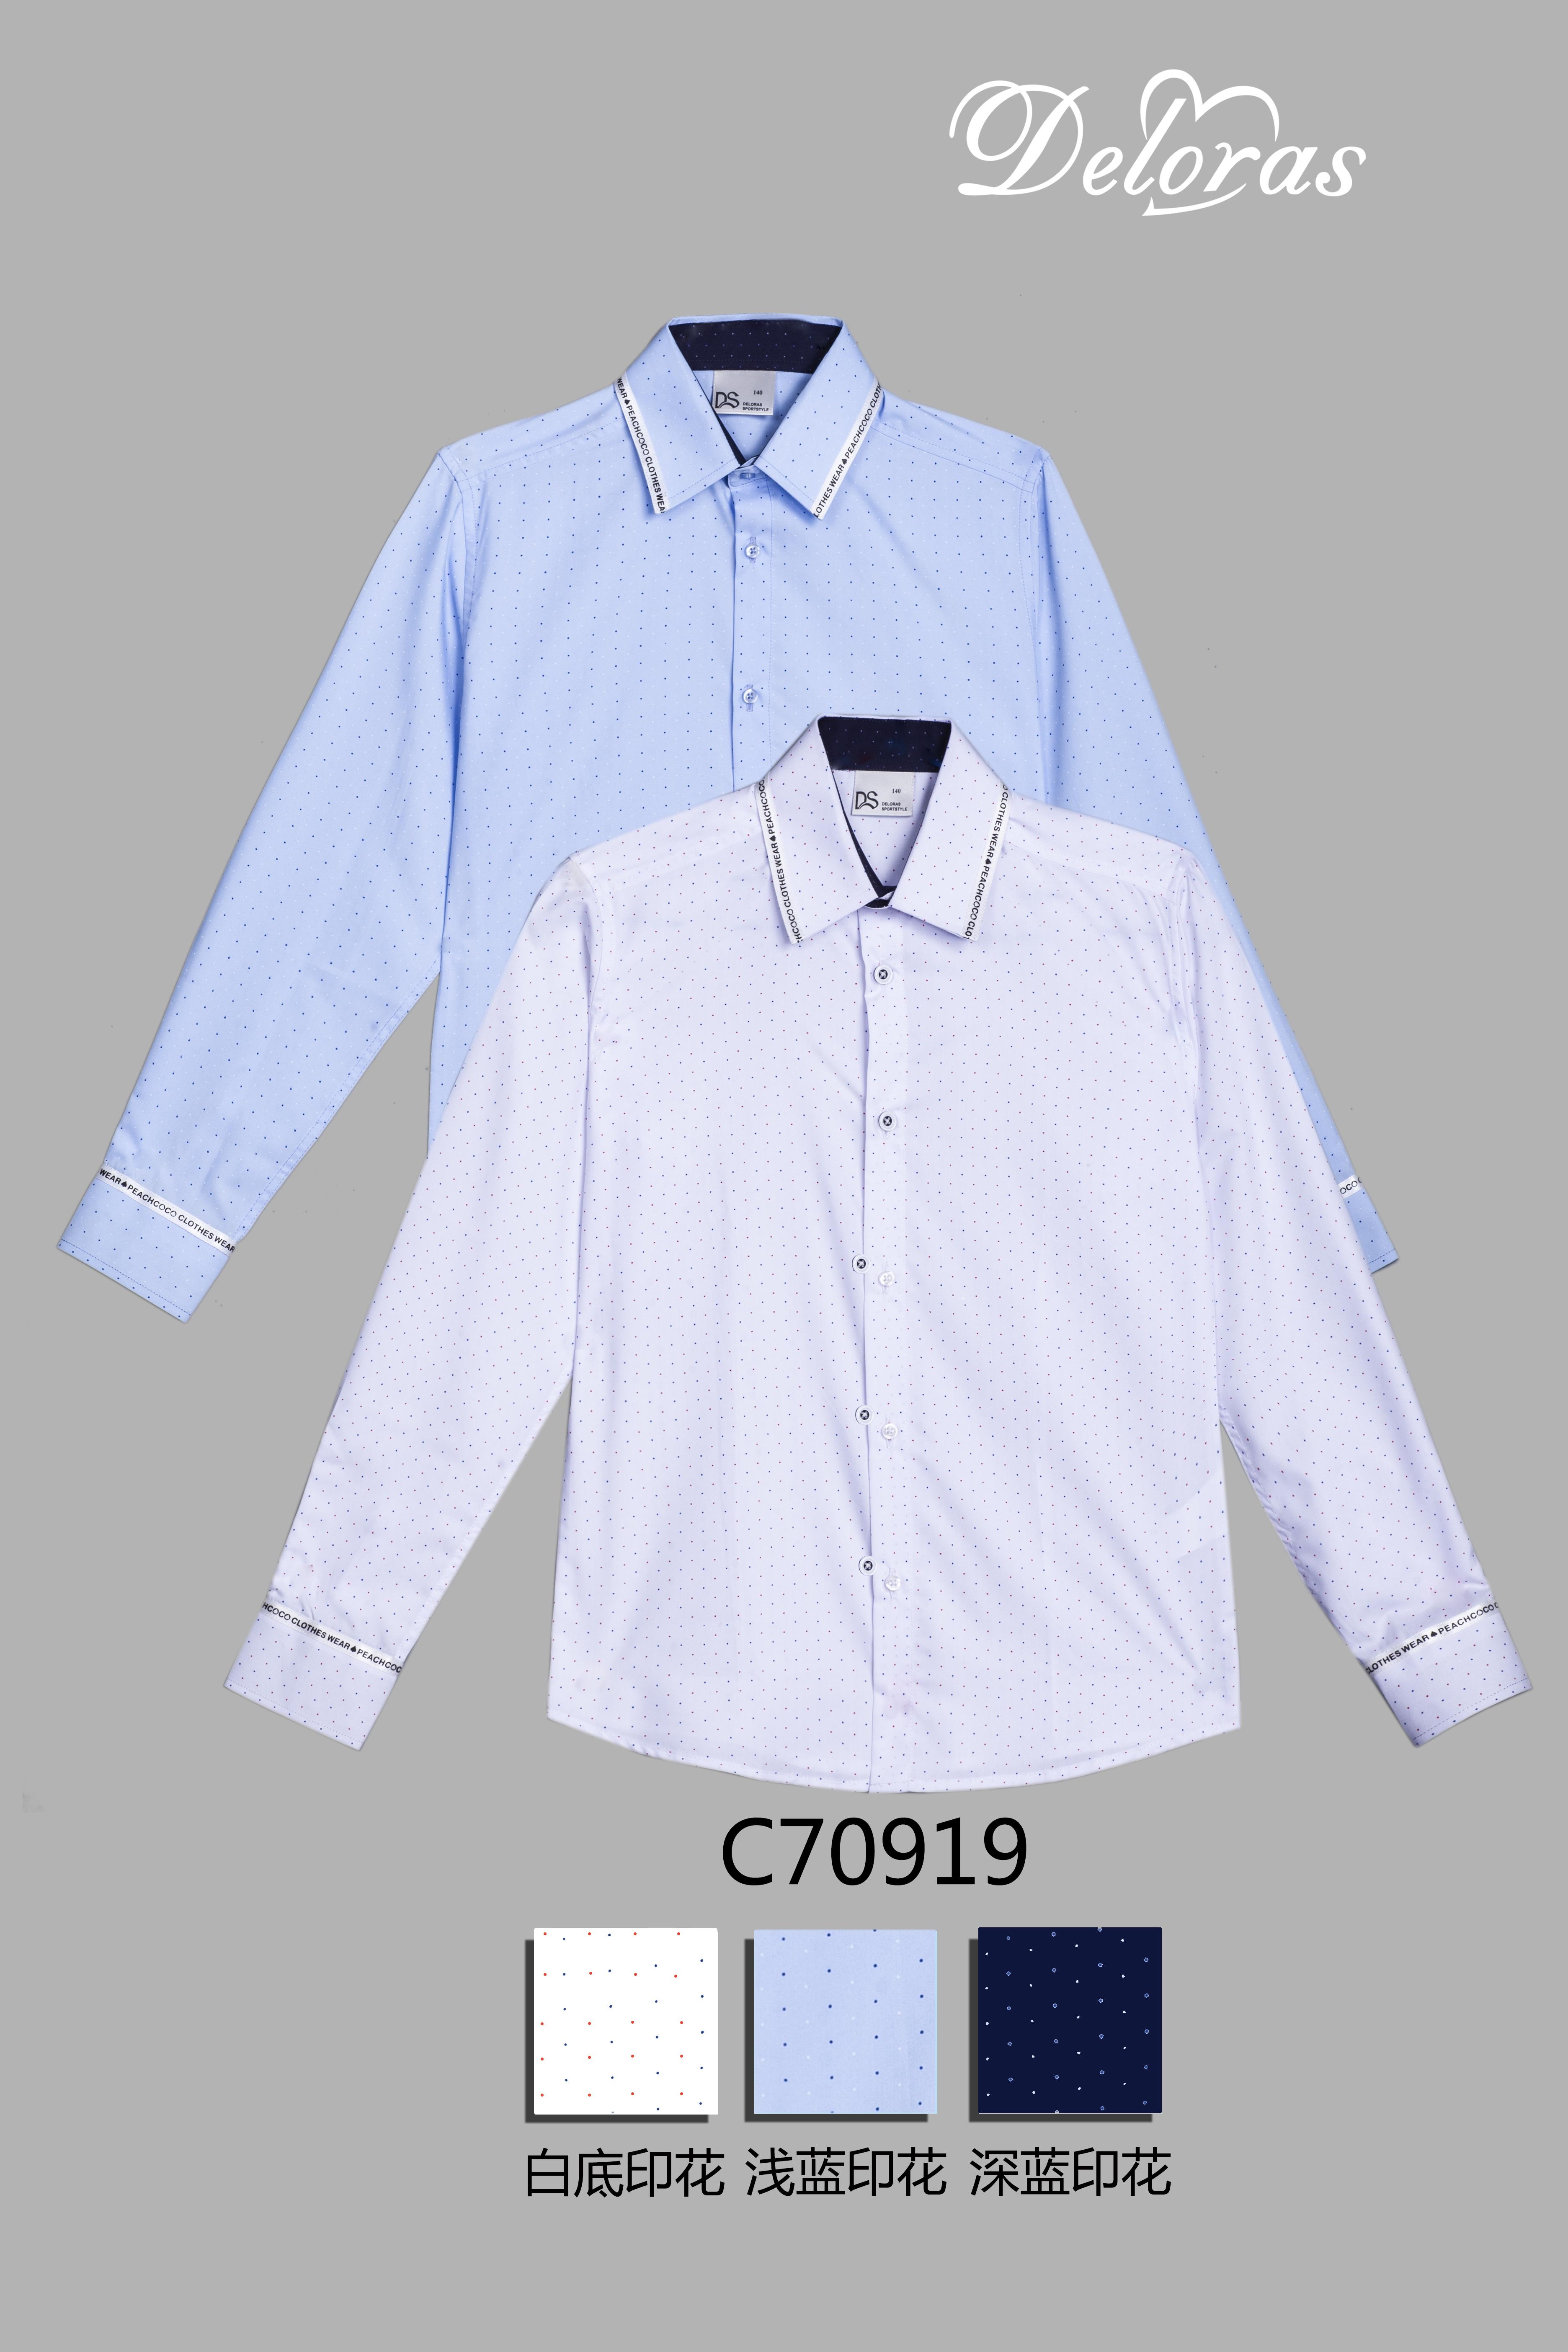 Рубашка для мальчика BHDL70919